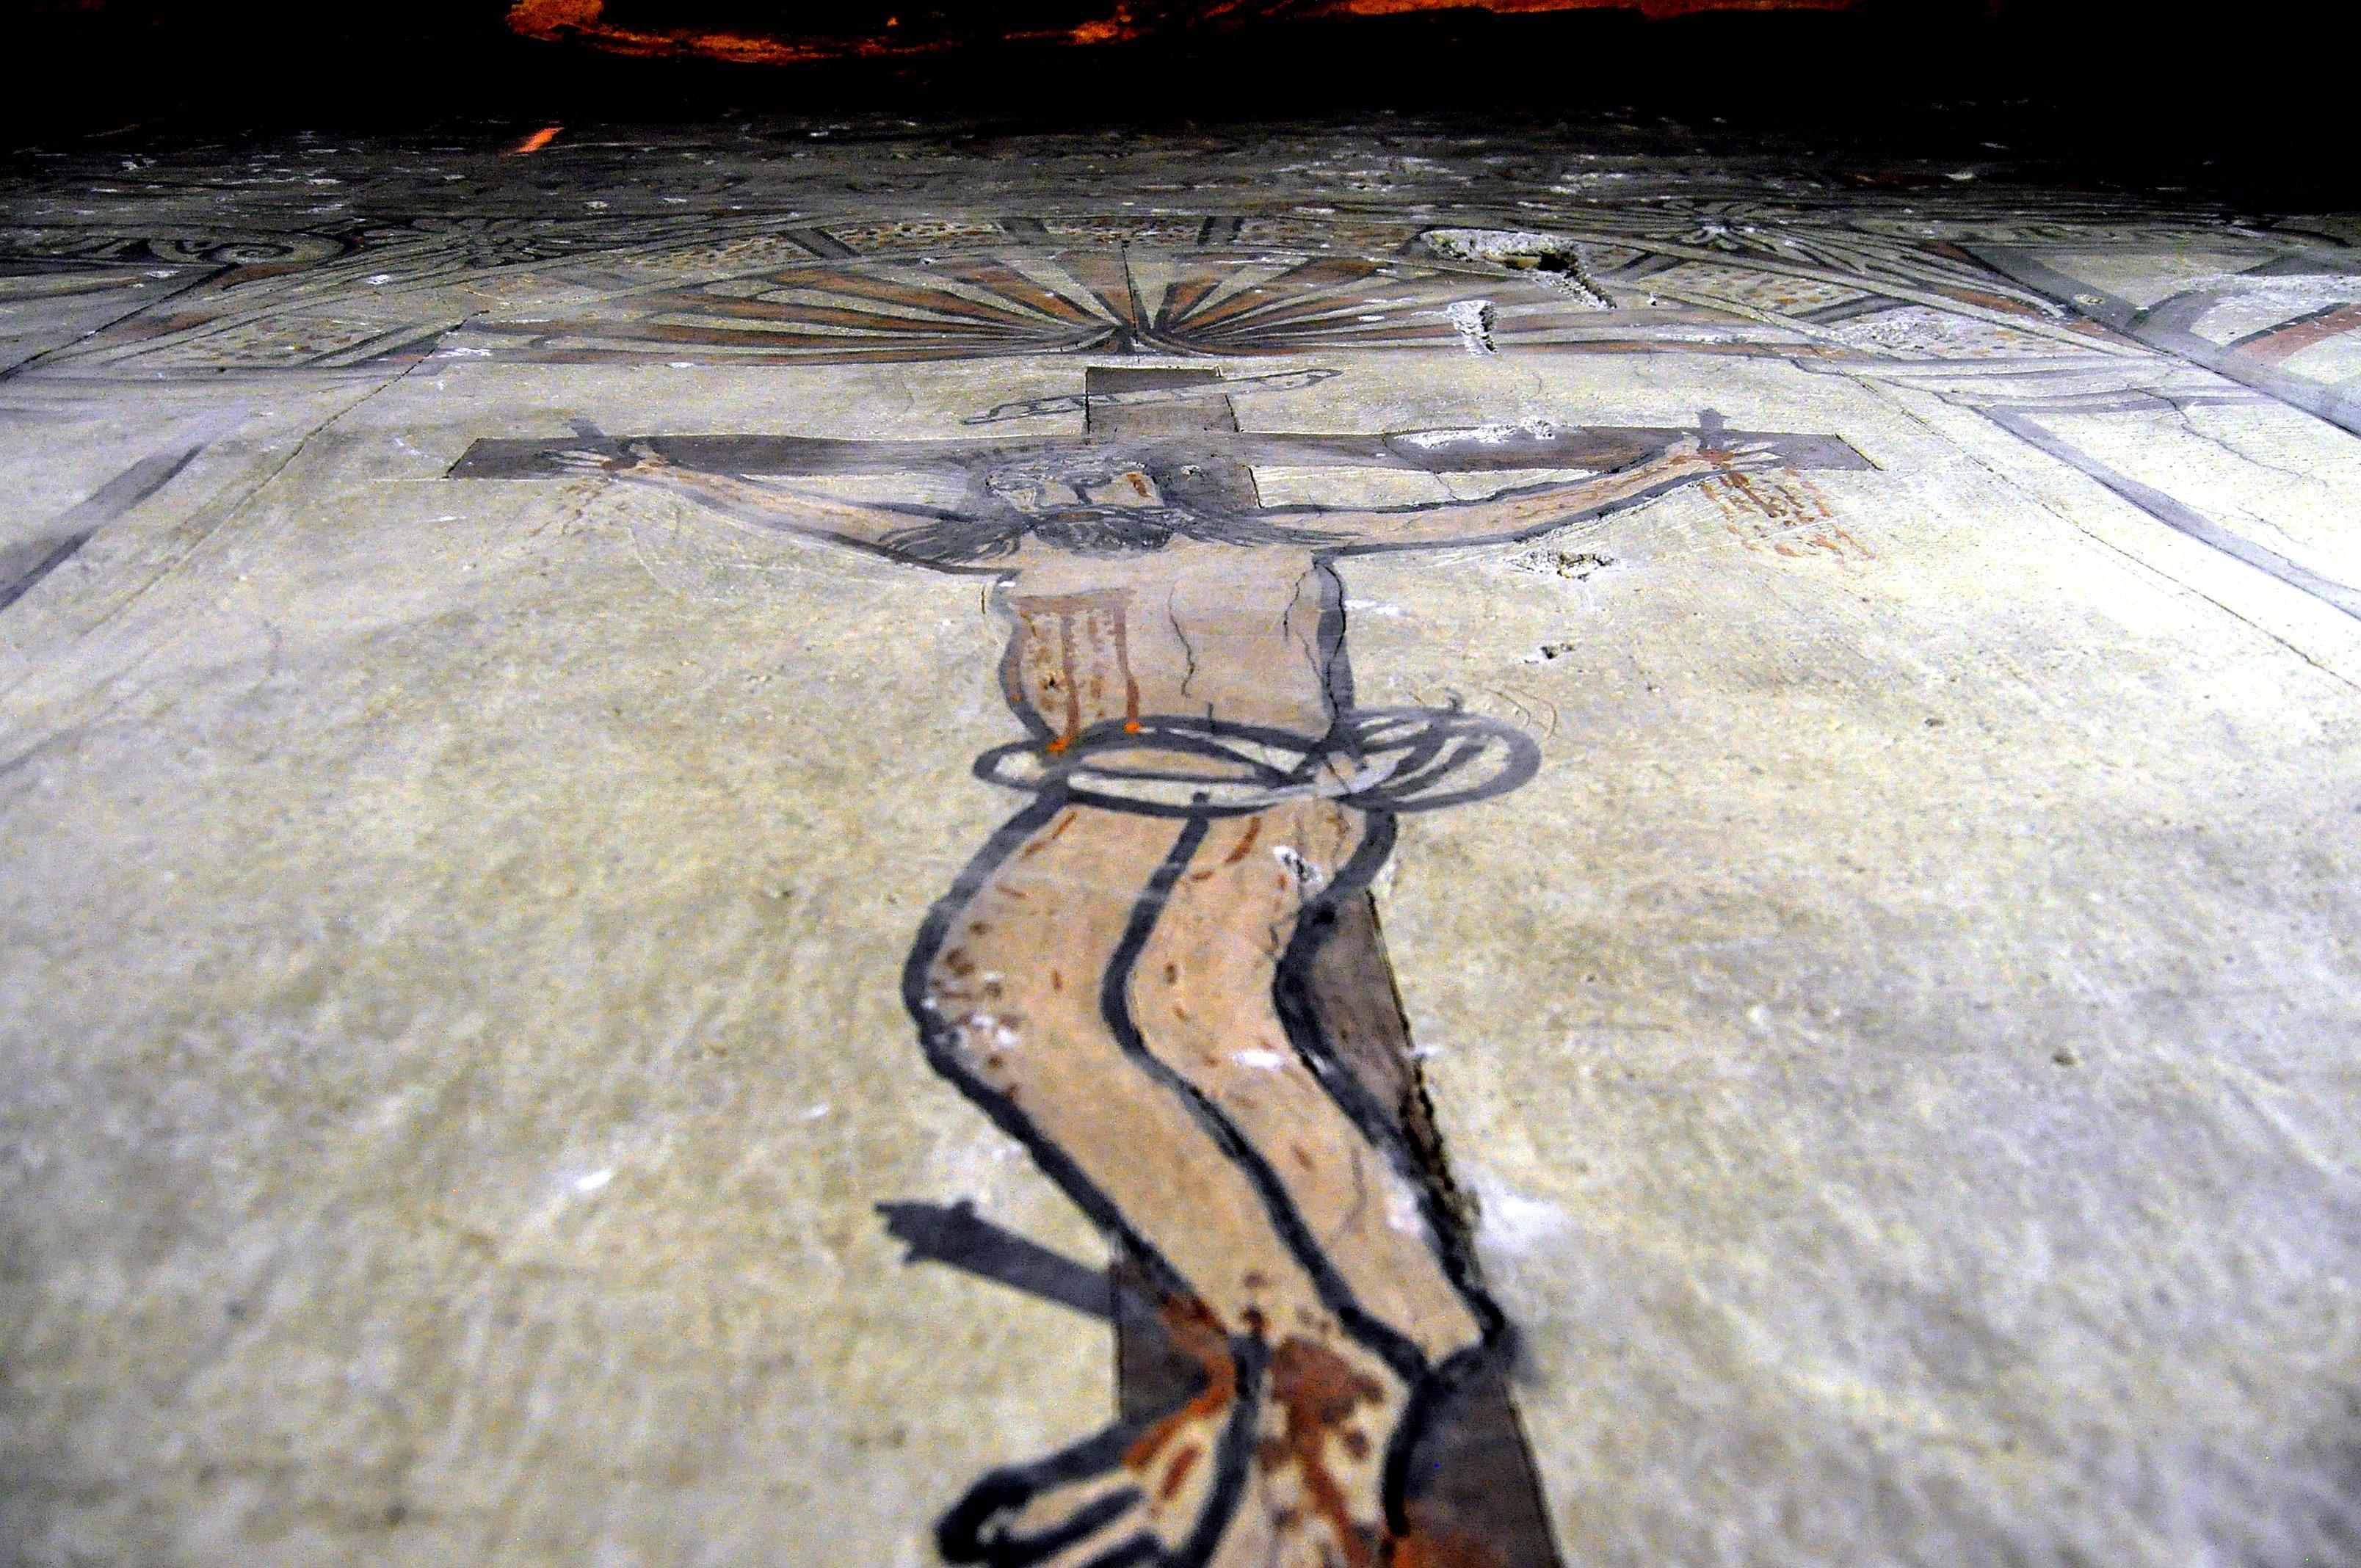 Lo que pocon pueden ver: pinturas halladas tras el retablo de la iglesia de Sta. Marina de Torre.